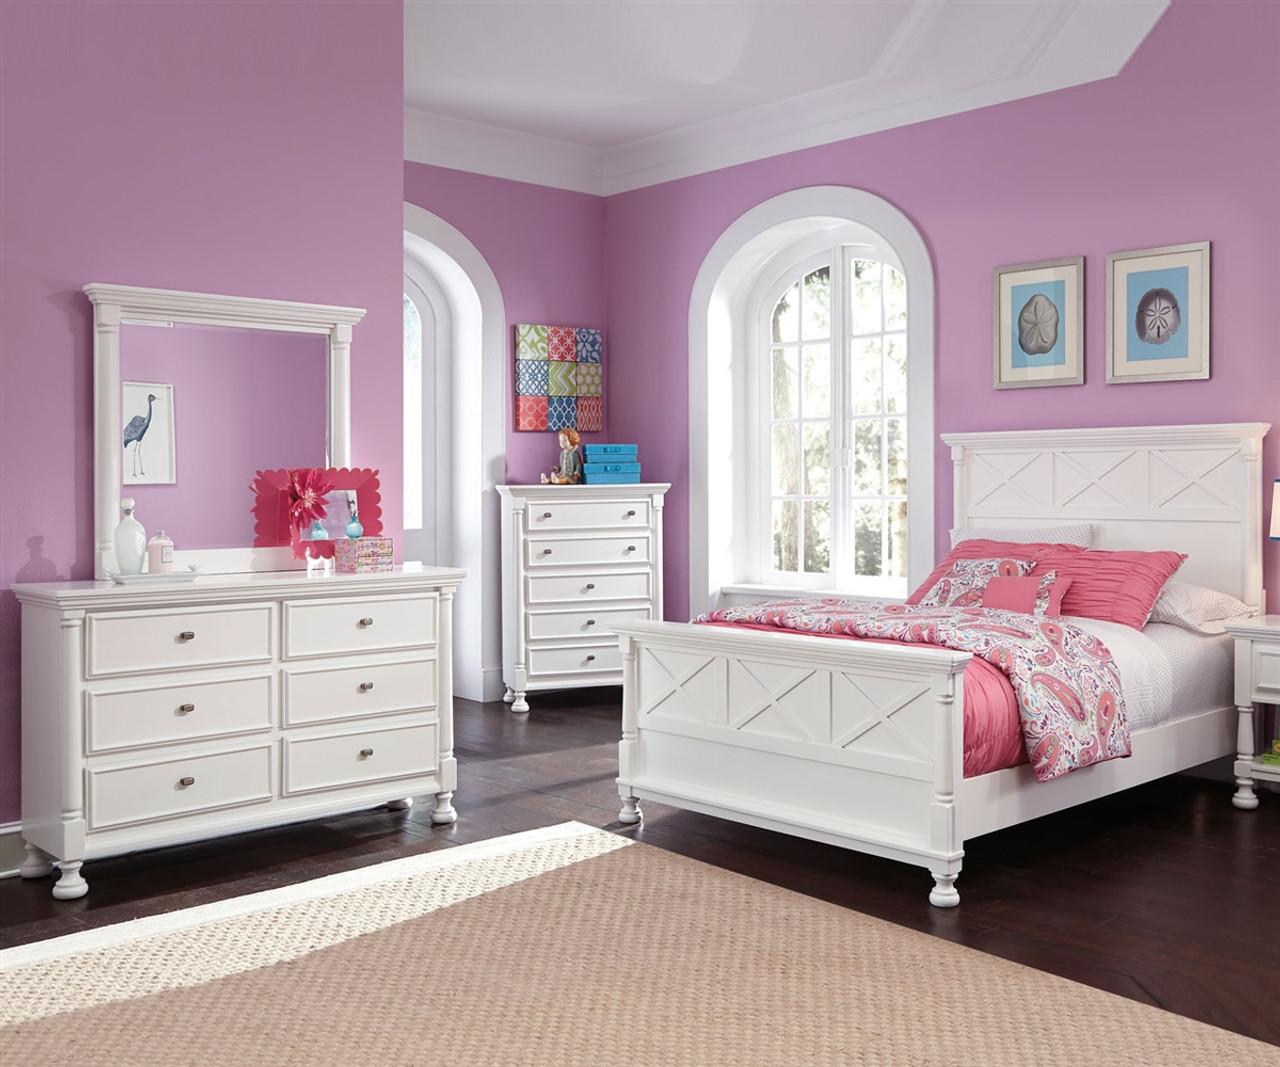 kaslyn b502 full size panel bed  girl's full beds in